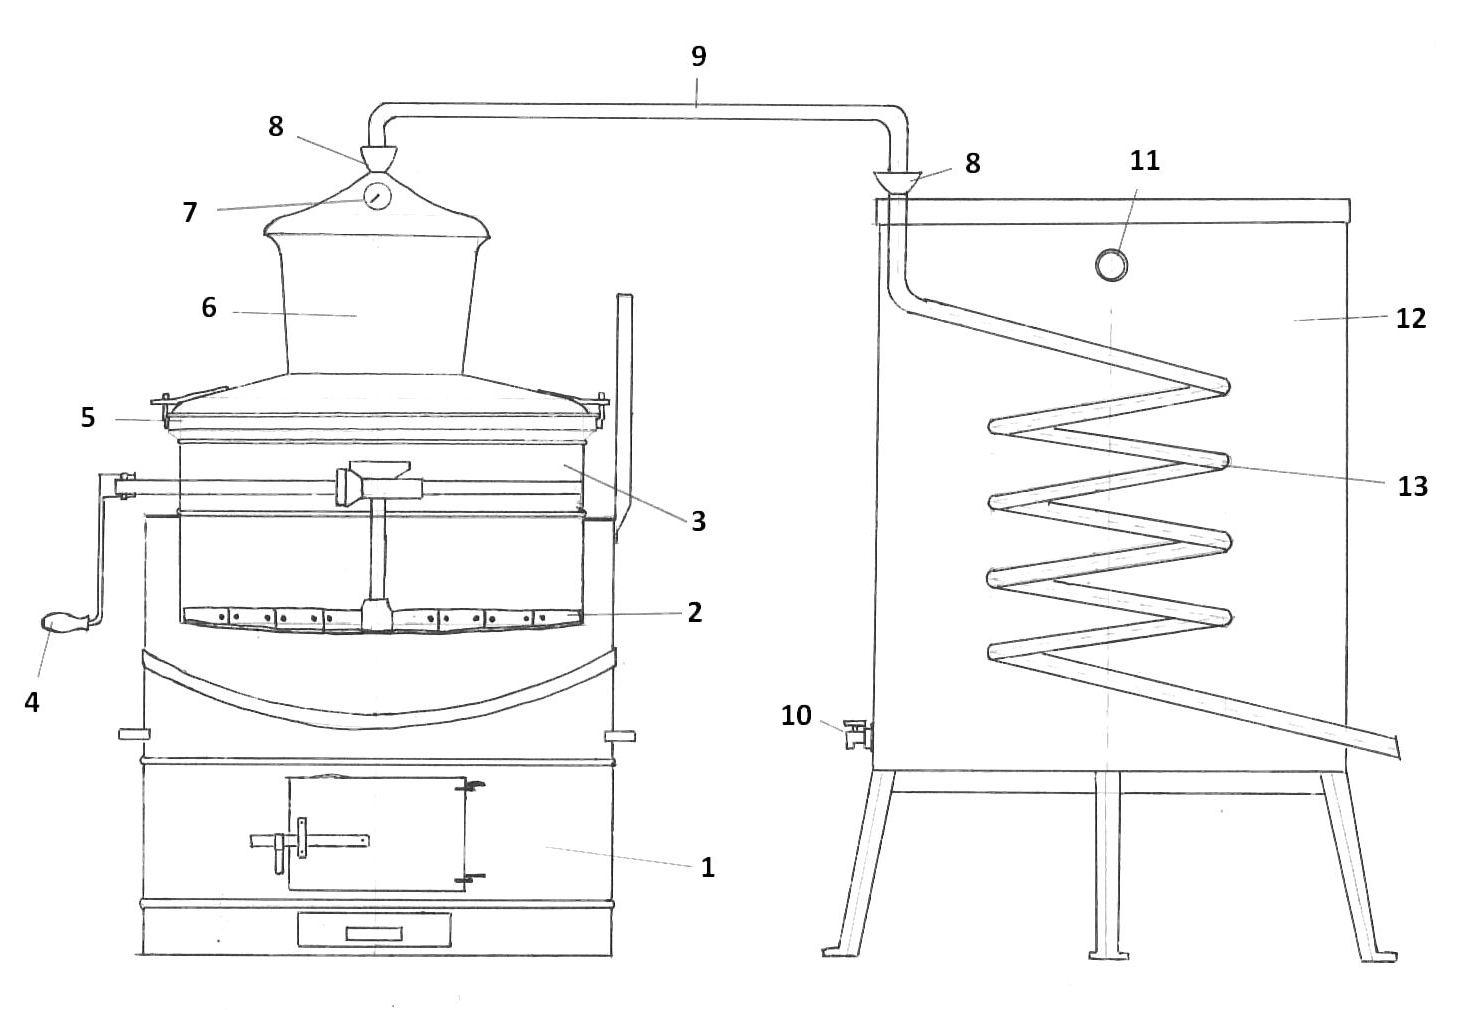 professionele distilleerketel technische tekening | drank stoken